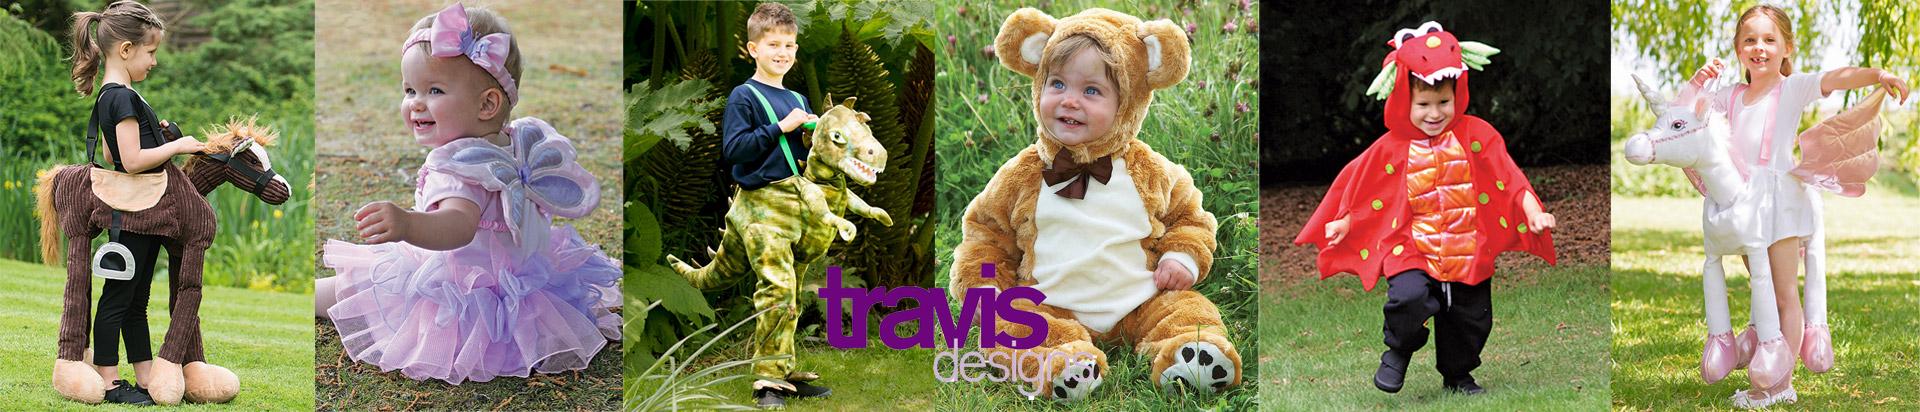 Travis Costumes